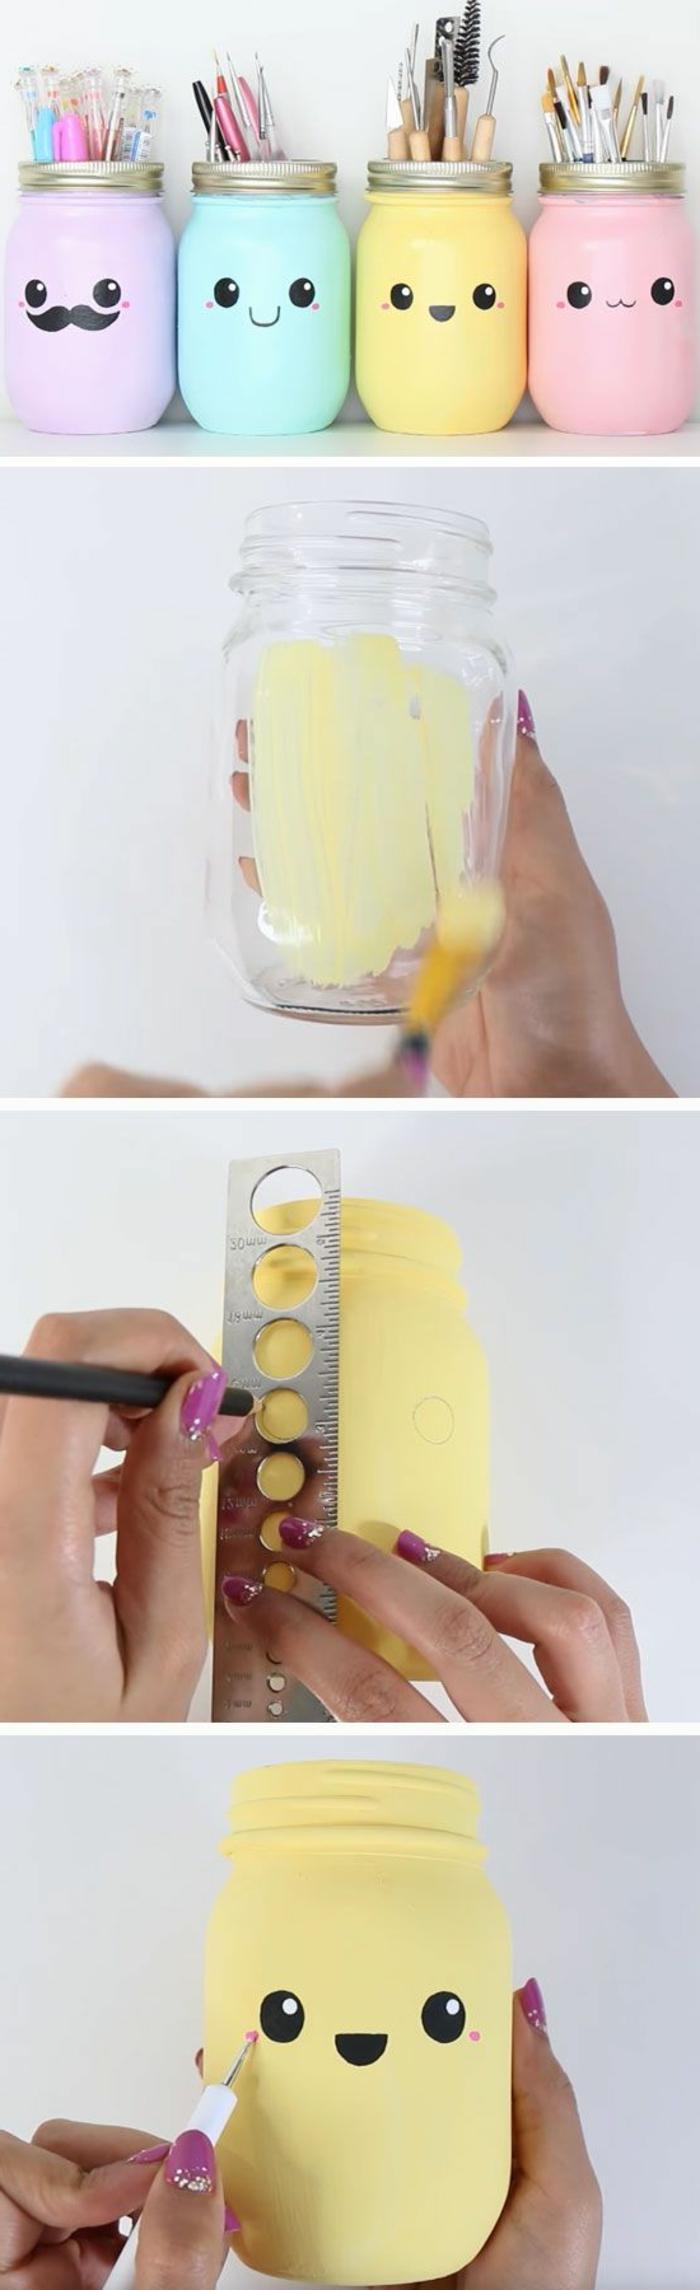 coloridas ideas de manualidades infantiles con reciclaje, proyectos DIY para los pequeños, frascos de cristal pintados en colores pastel